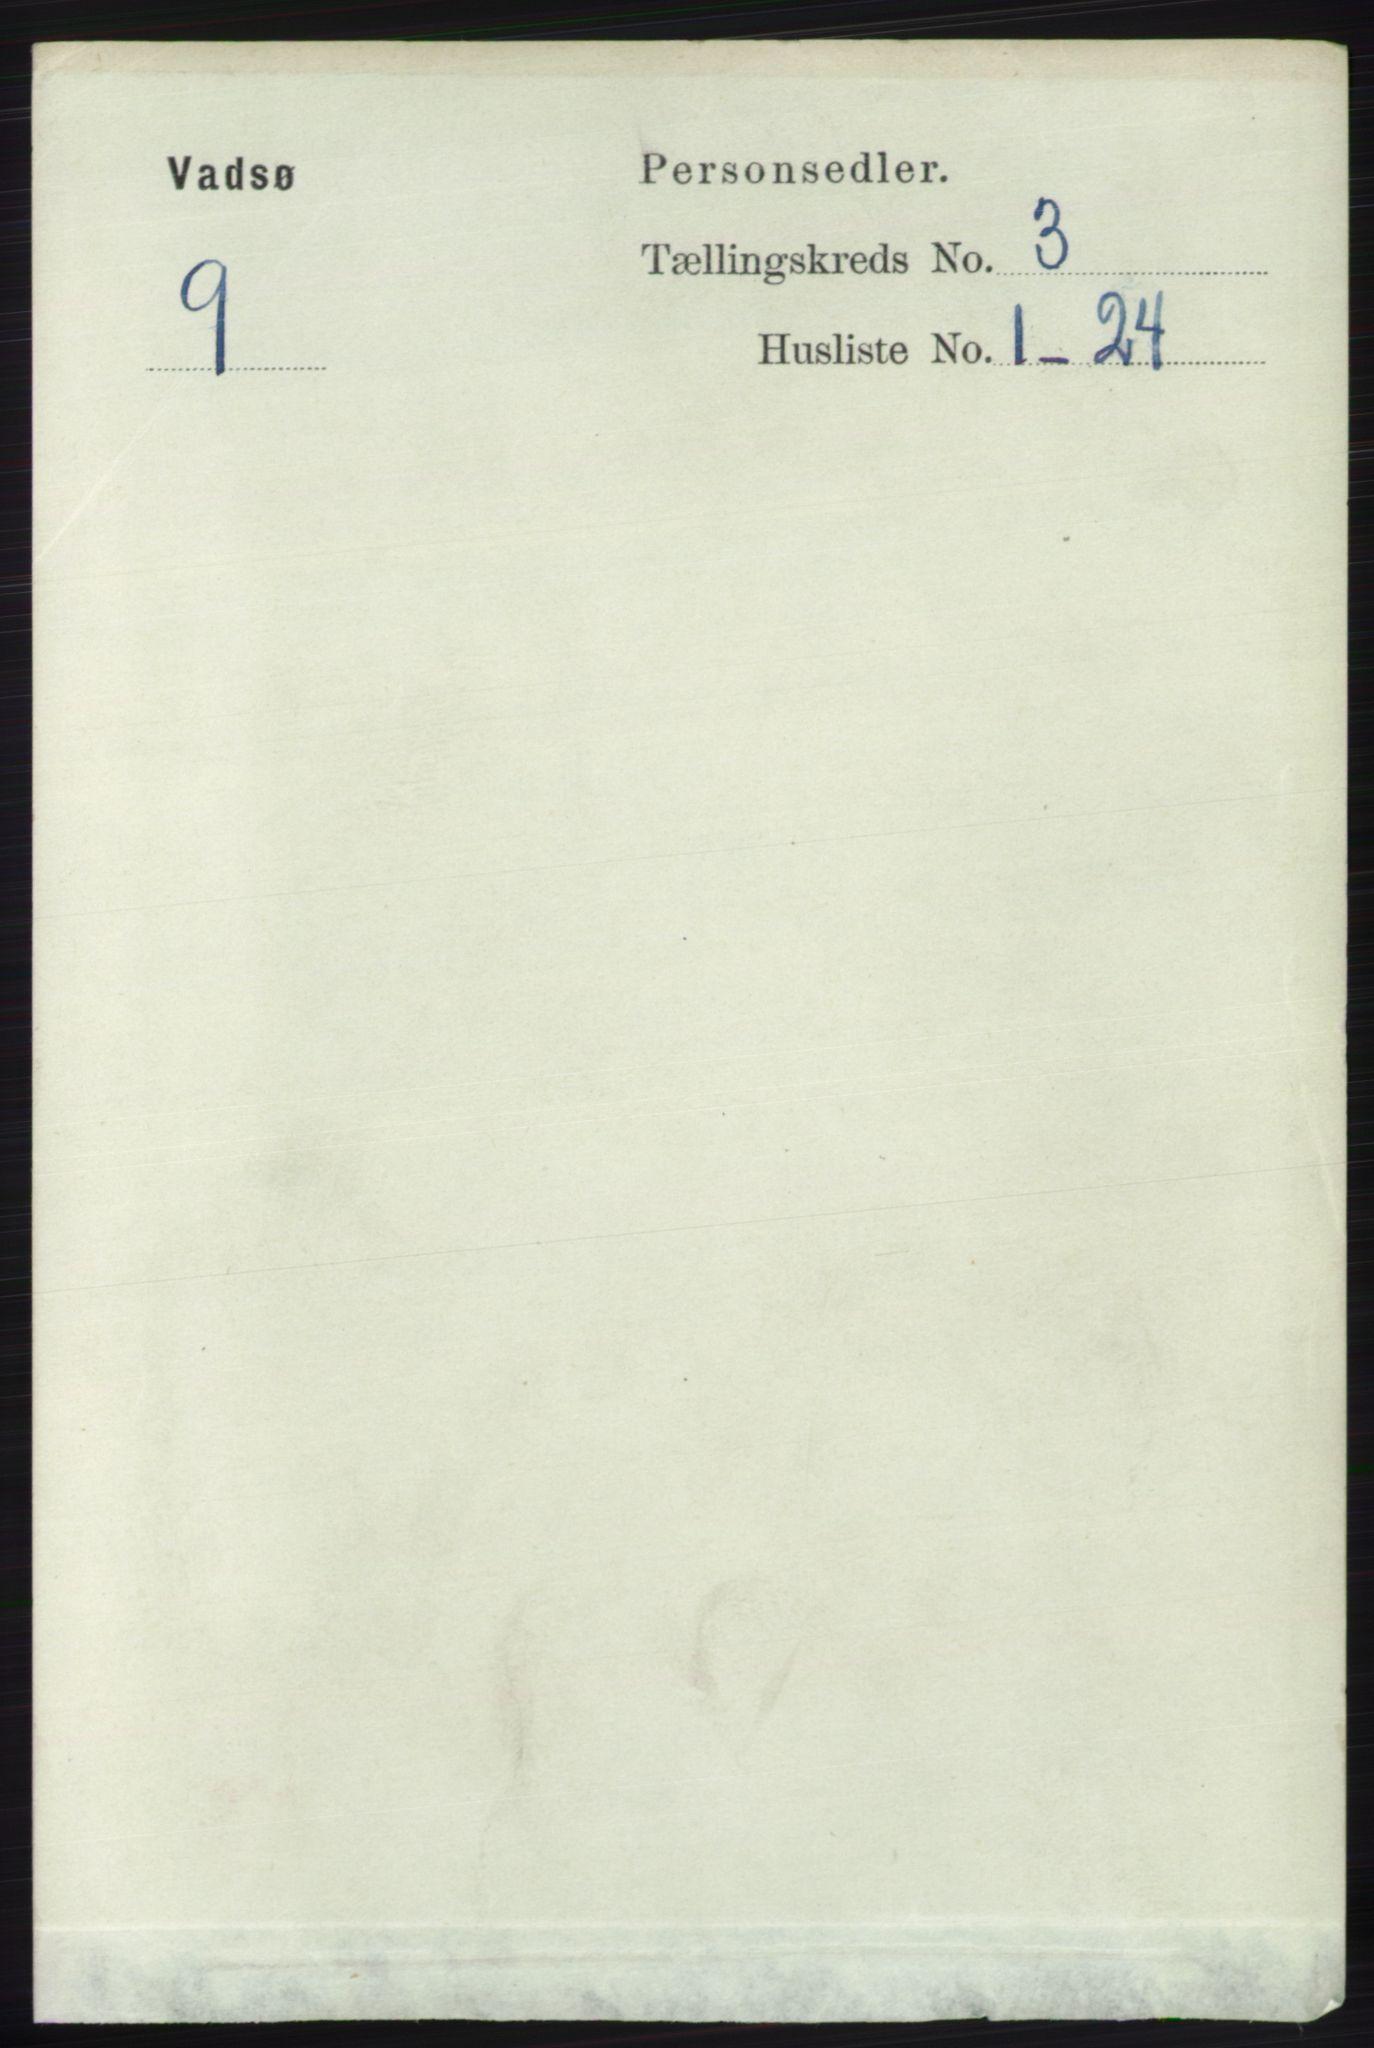 RA, Folketelling 1891 for 2003 Vadsø kjøpstad, 1891, s. 1774